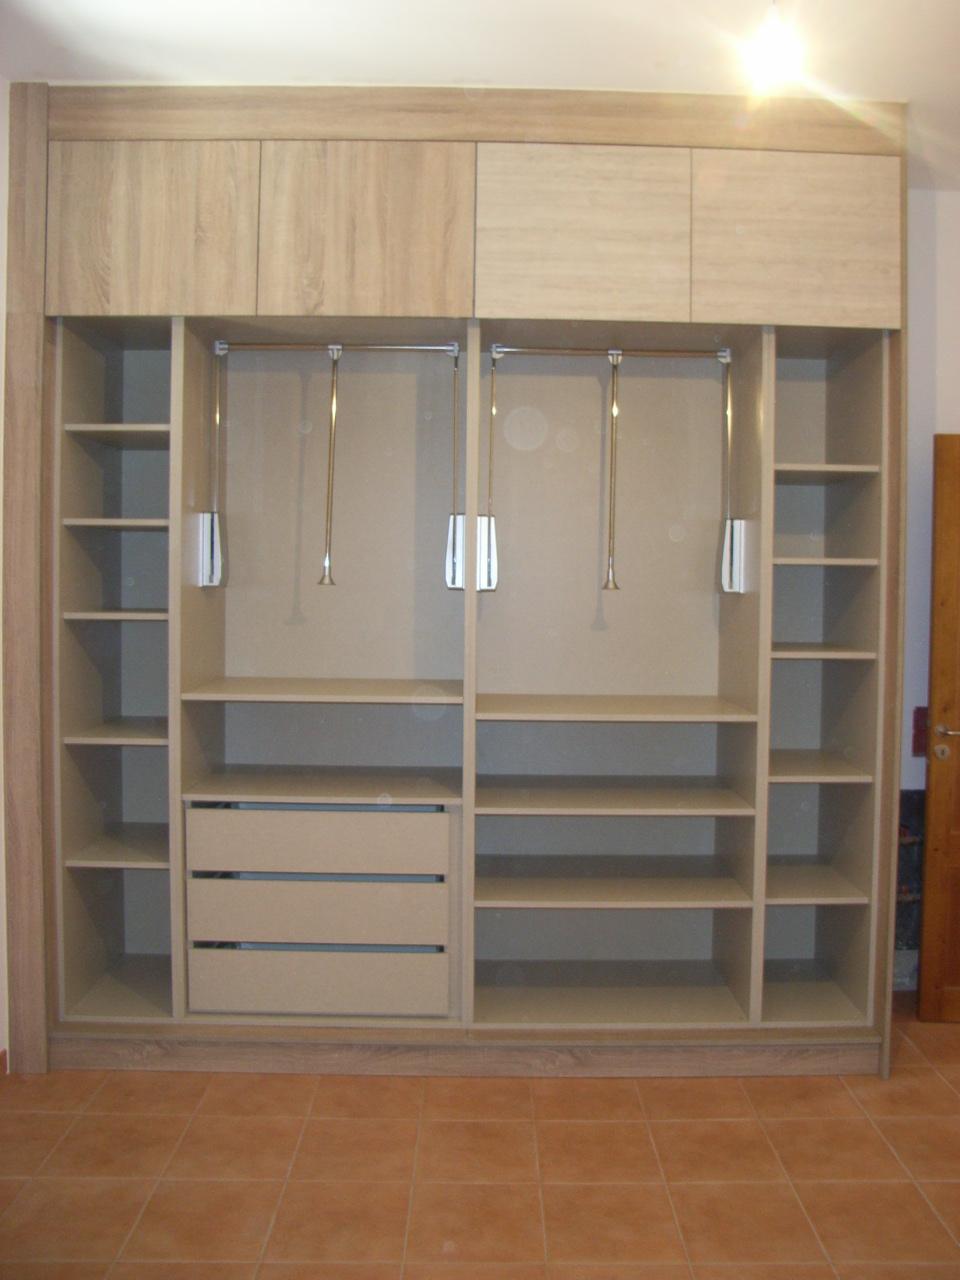 Armarios a medidas affordable armario a medida lacado with armarios a medidas armarios baratos - Medidas de puertas de interior ...